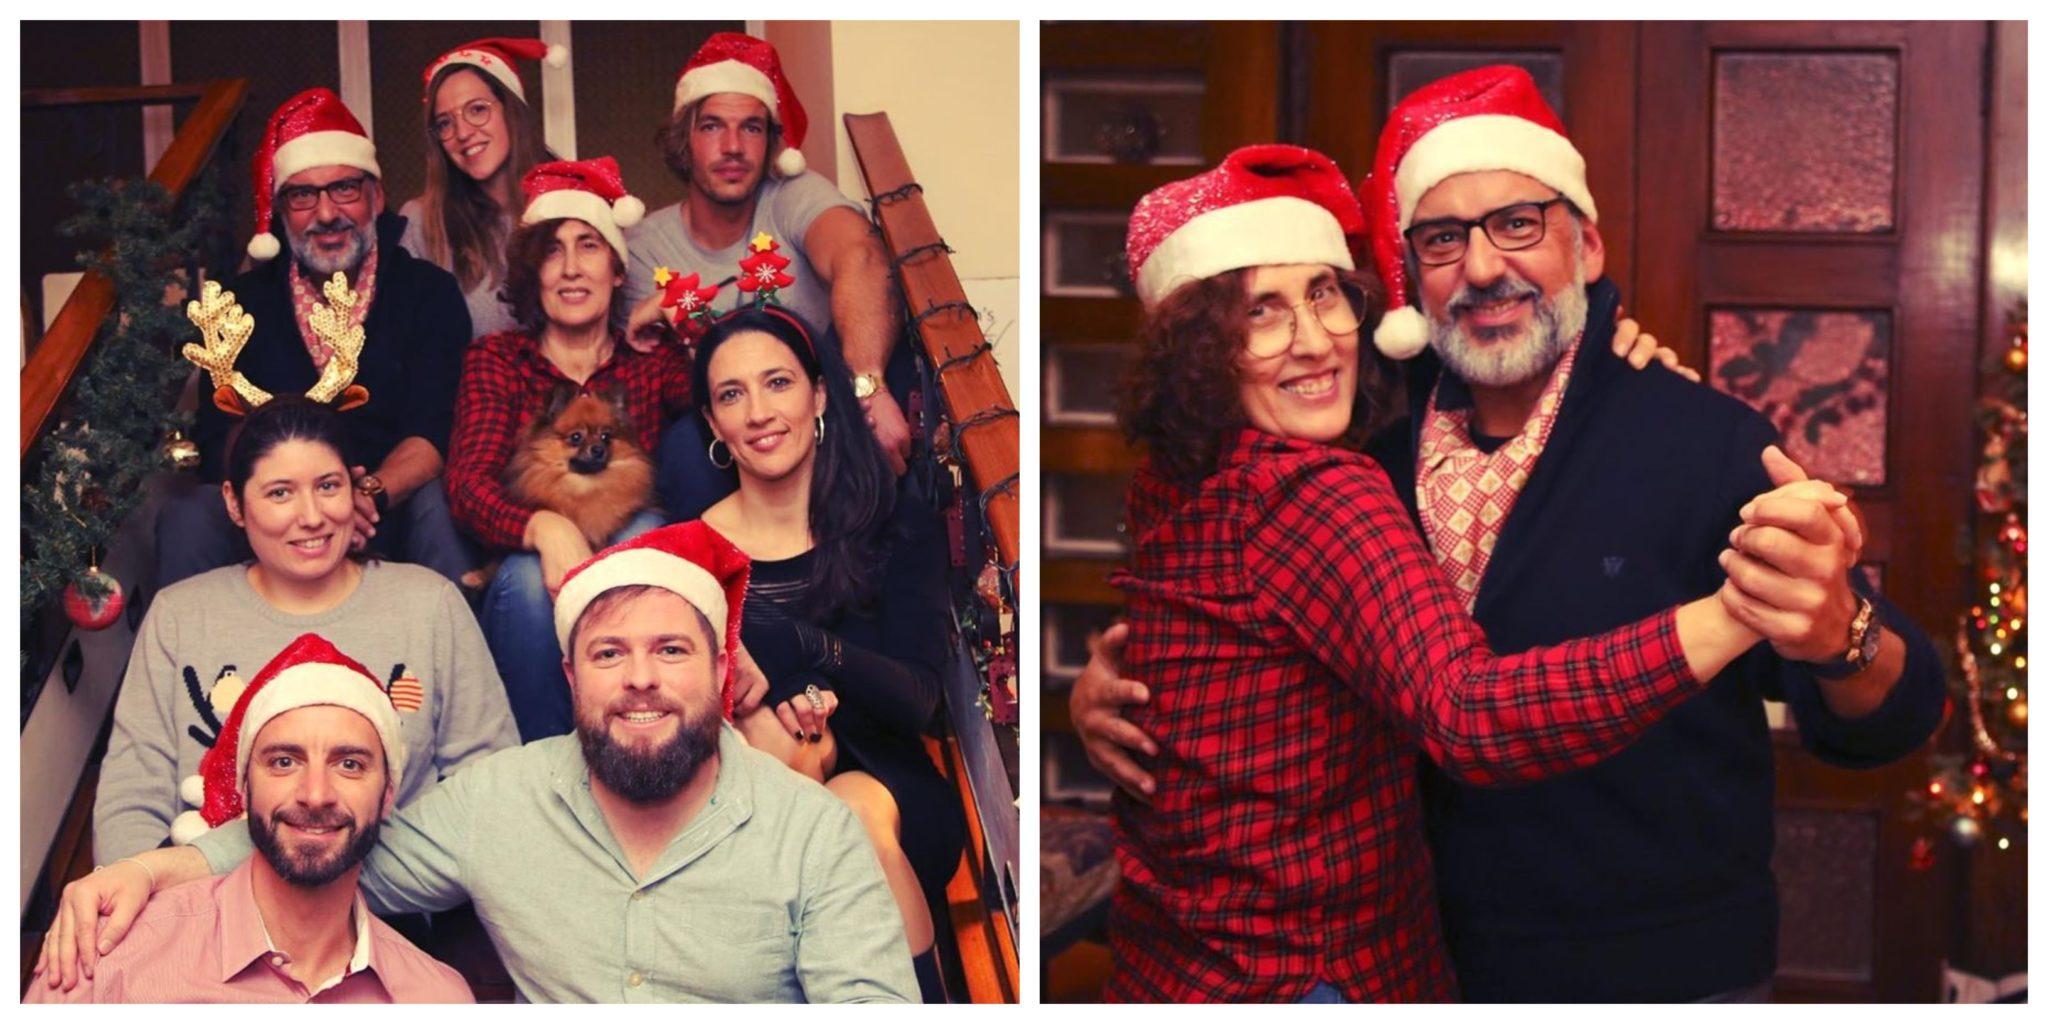 Graça E Zé Luis Scaled Concorrentes Do 'Casados À Primeira Vista' Juntos Em Jantar Especial De Natal